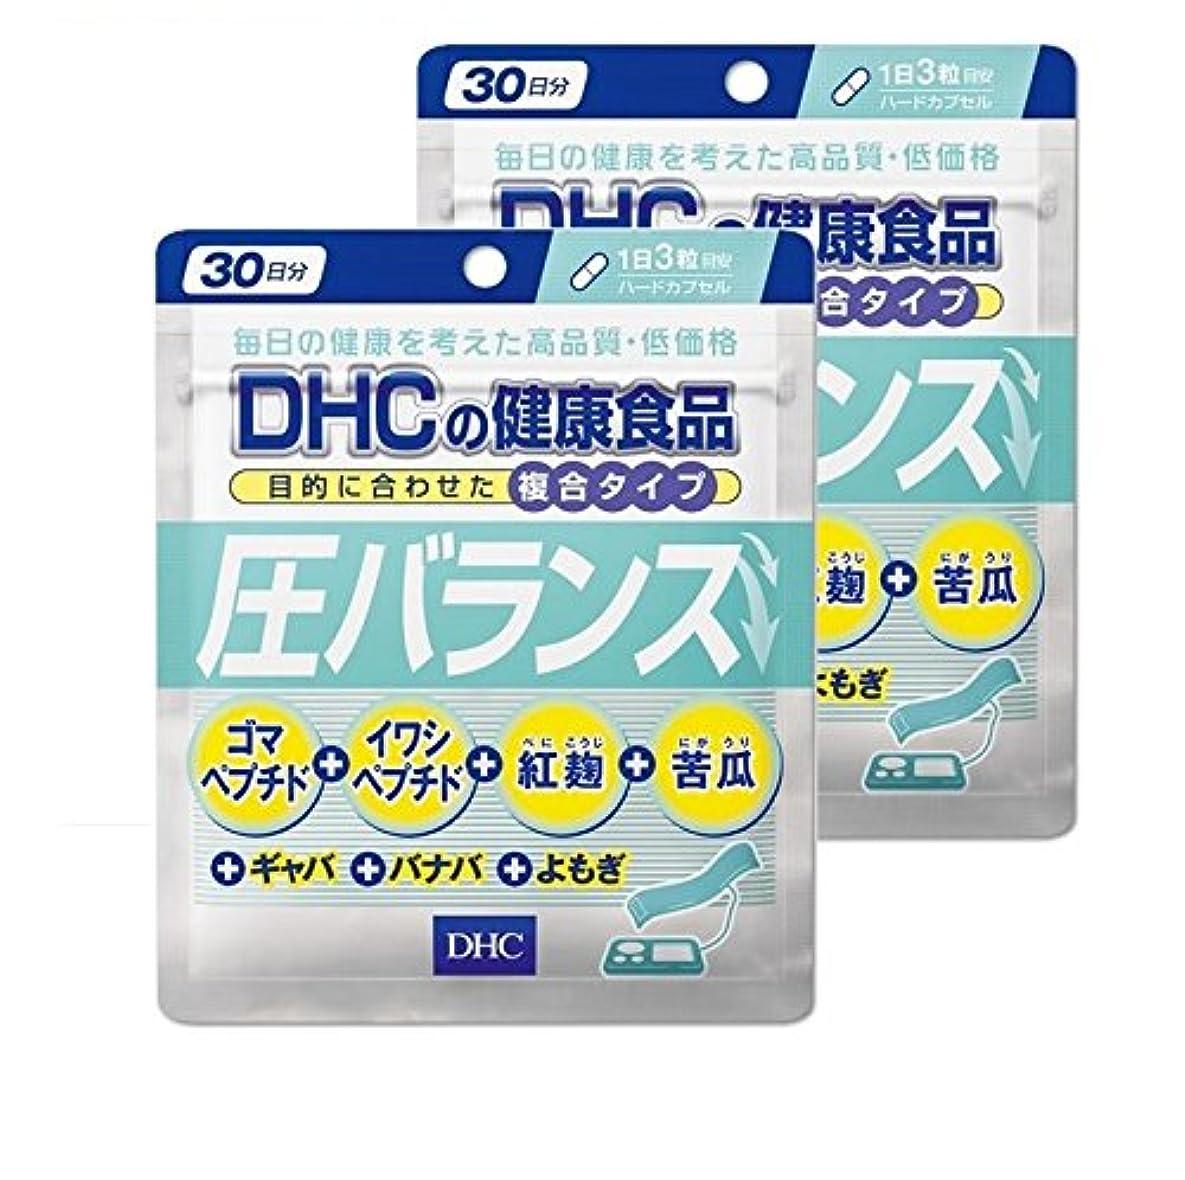 ワットもつれドラマDHC 圧バランス 30日分×2袋